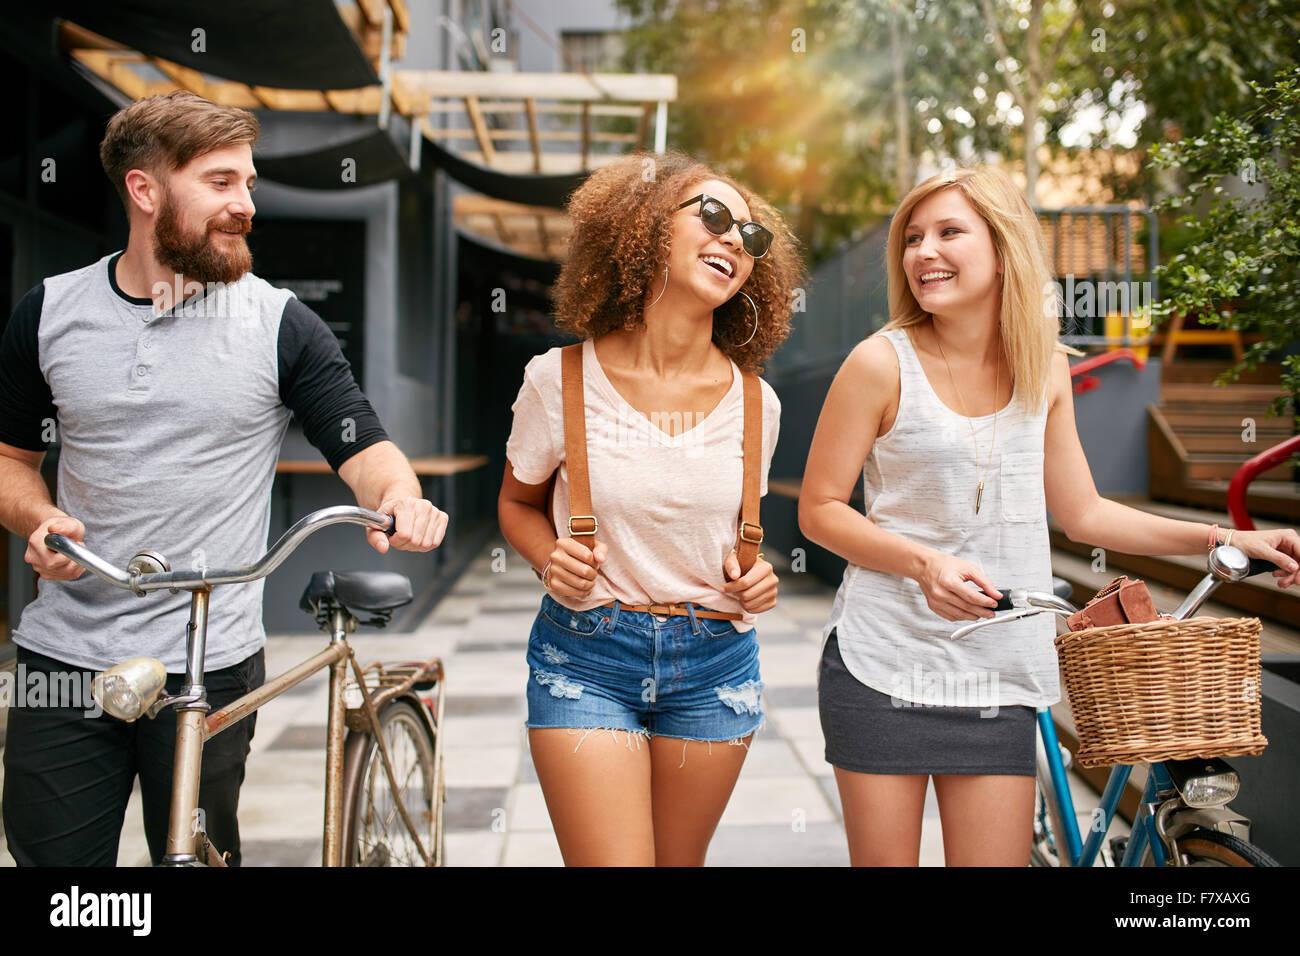 Los jóvenes feliz caminando por las calles de la ciudad con sus bicicletas y sonriente. El hombre y la mujer Imagen De Stock